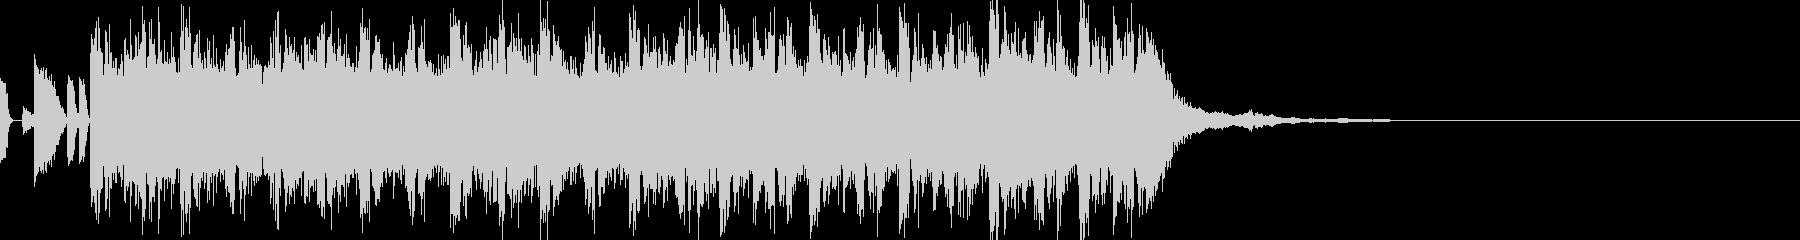 インパクトのあるテクノジングル15secの未再生の波形